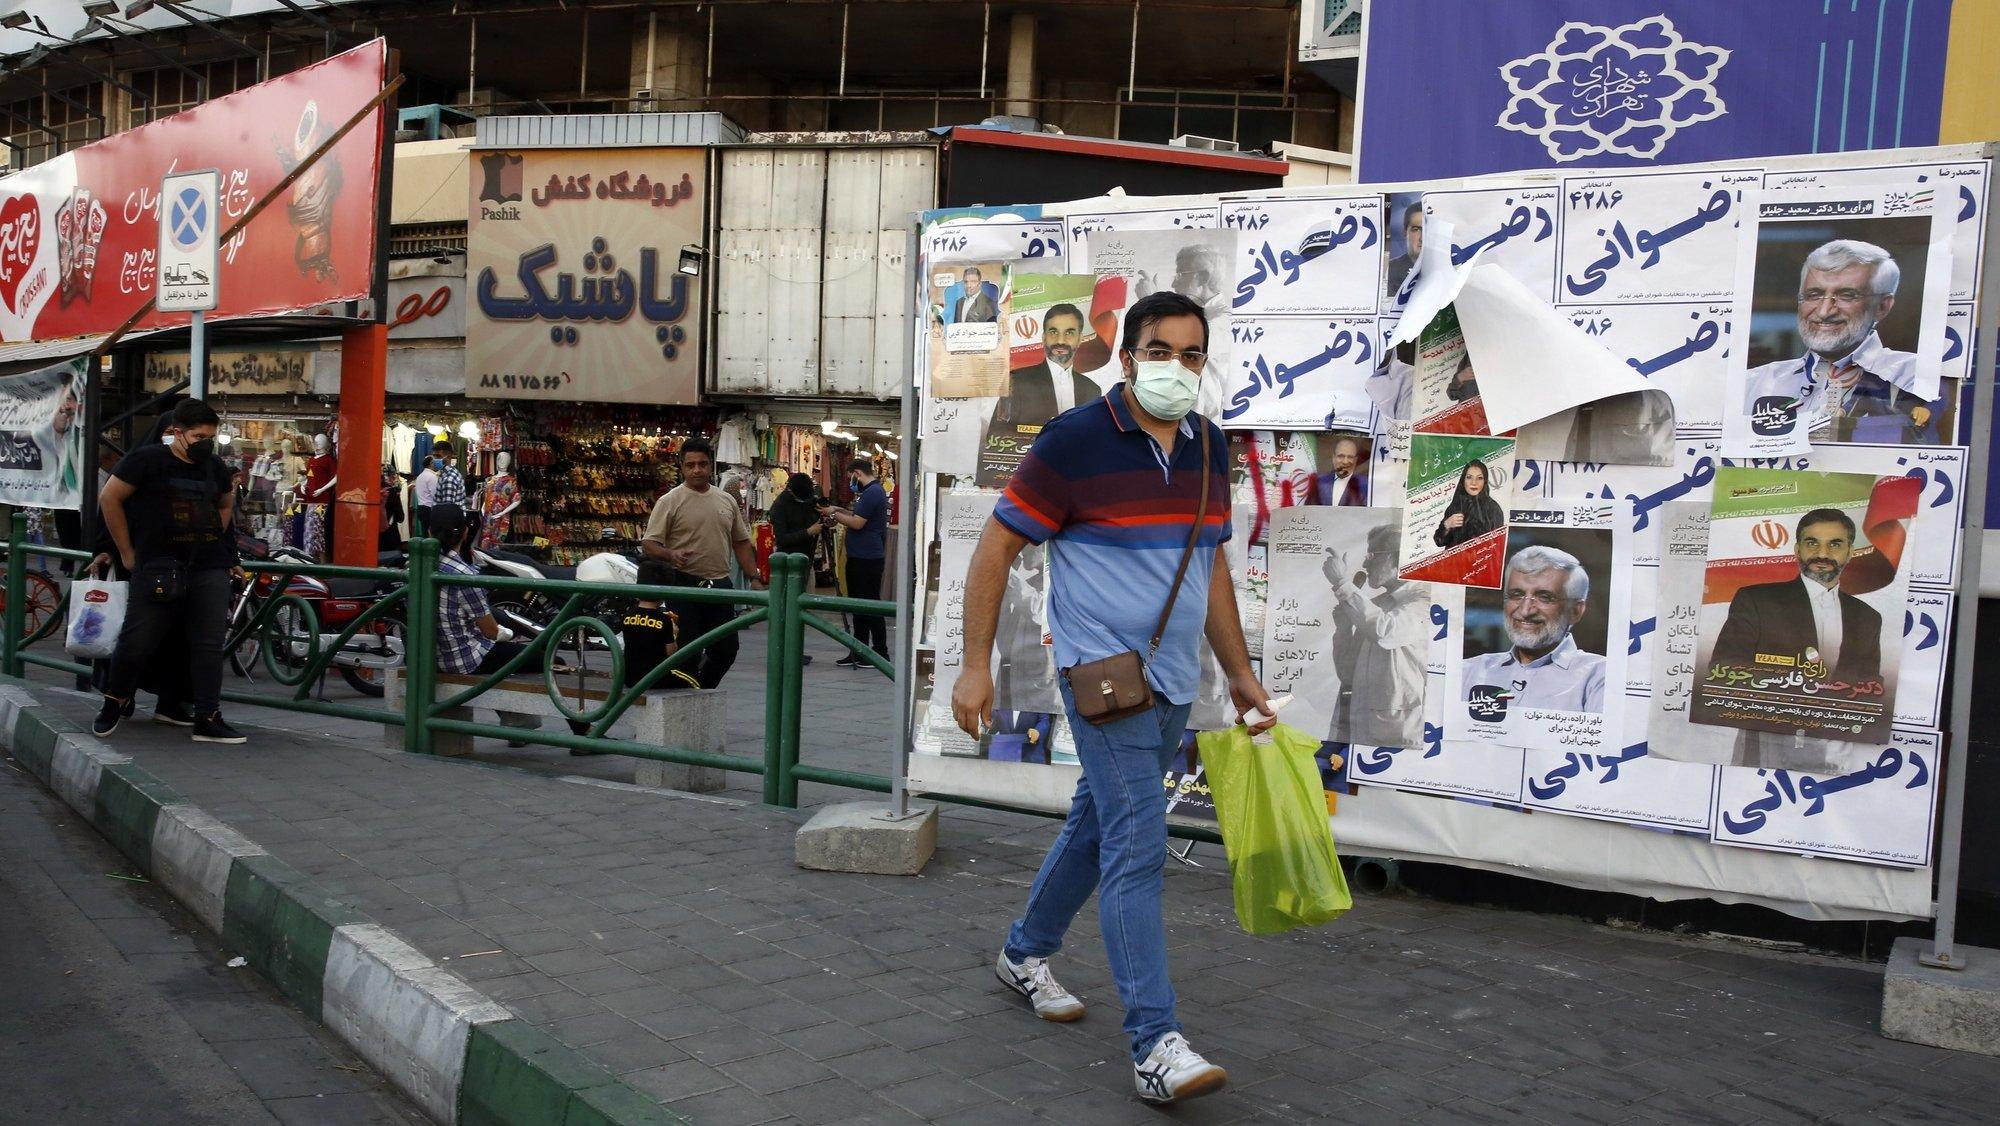 epa09274024 An Iranian man walks past elections billboard in a street in Tehran, Iran, 15 June 2021. Iranians will vote in a presidential election on 18 June 2021.  EPA/ABEDIN TAHERKENAREH